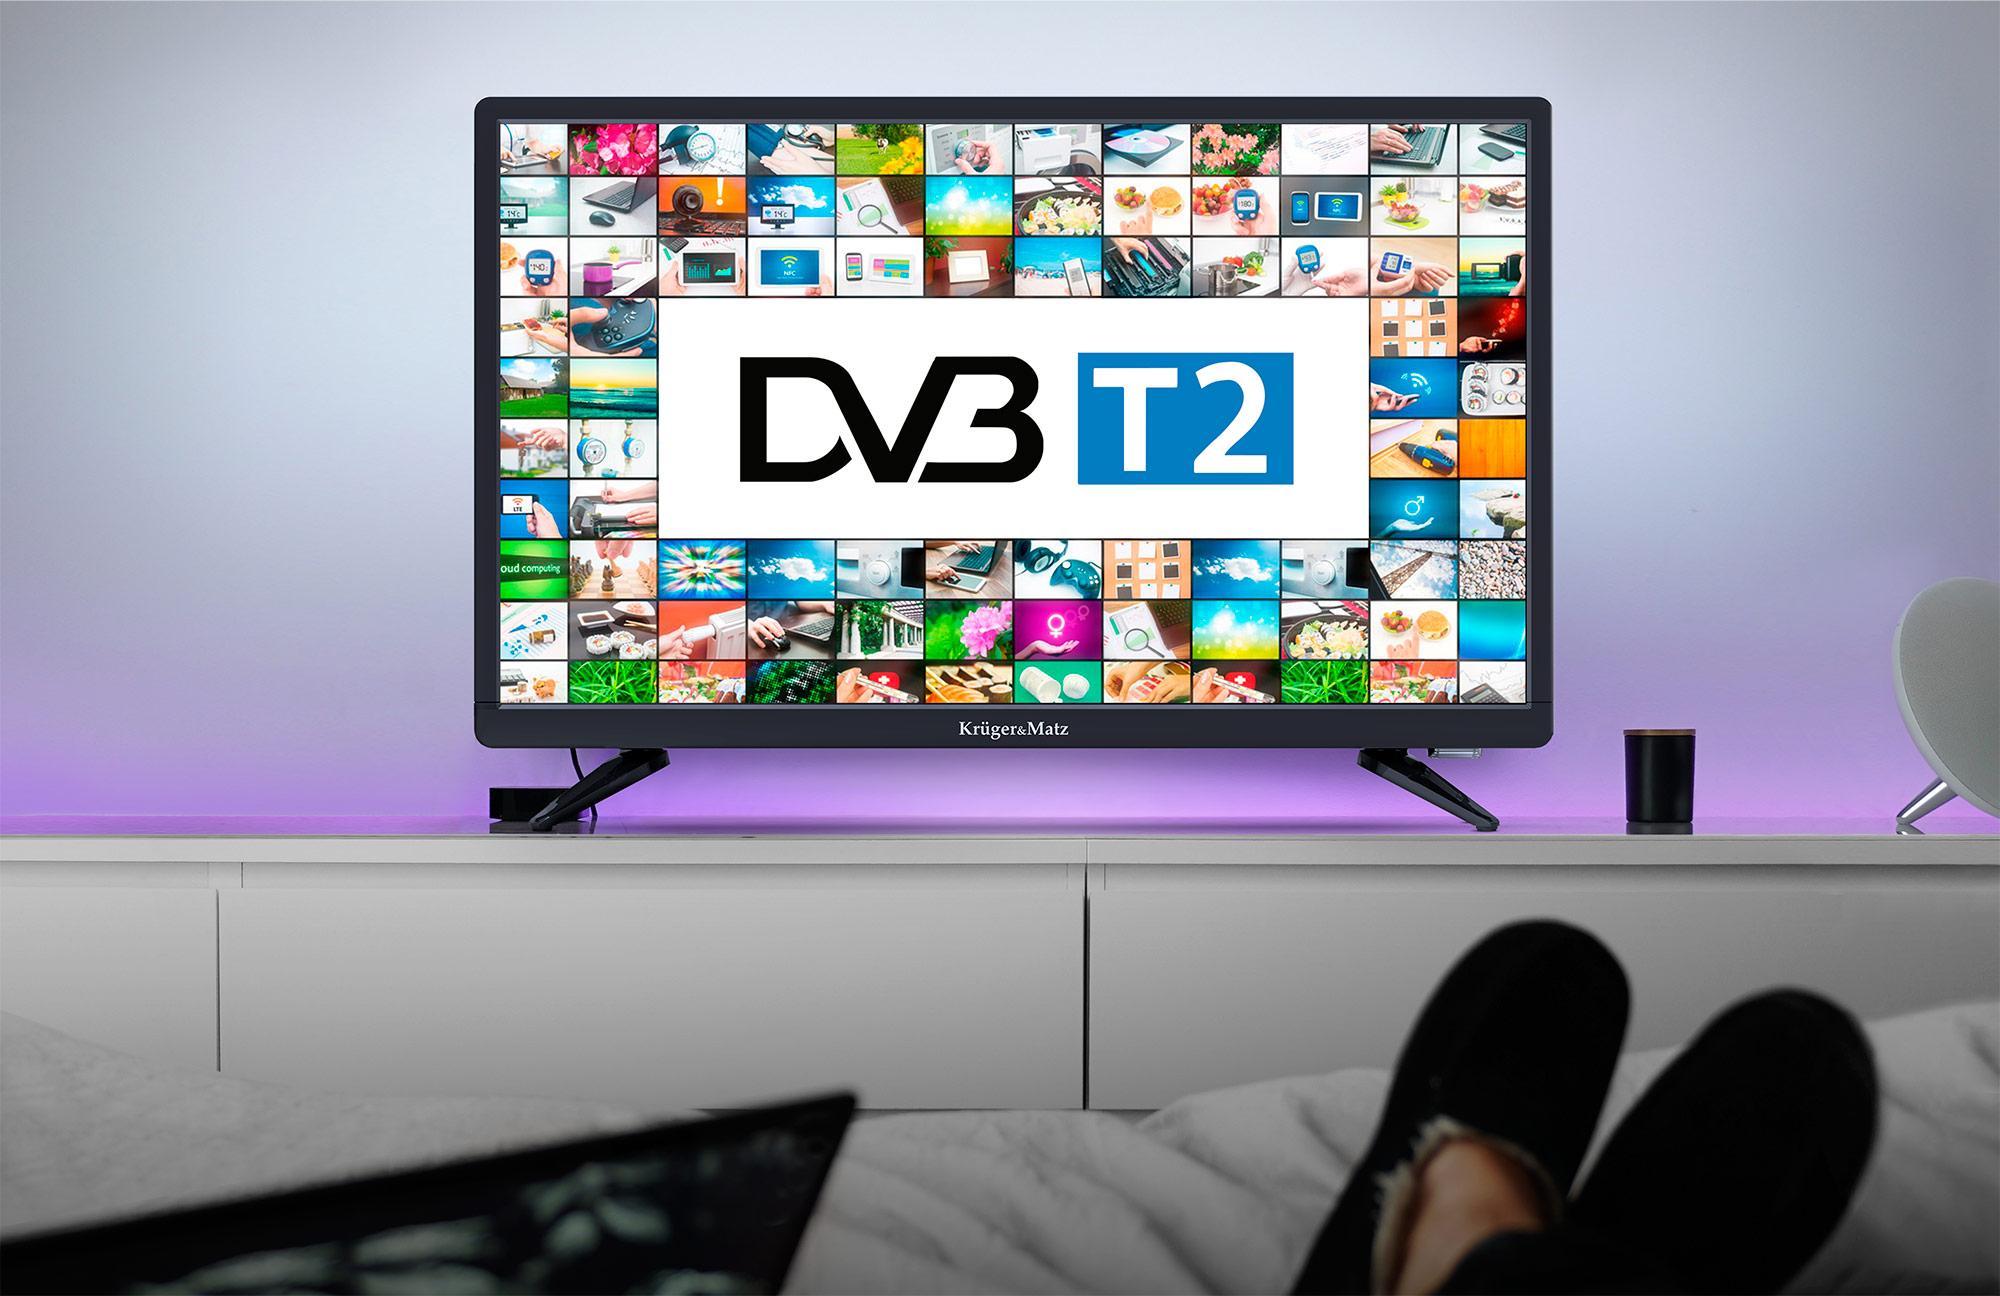 Pentru un plus de confort in utilizare noul televizor de 22 inch de la Kruger&Matz este dotat cu tuner DVB-T2 care foloseste pentru a putea prinde posturile transmise in format digital. Acum nu mai trebuie sa cumperi echipamente in plus!